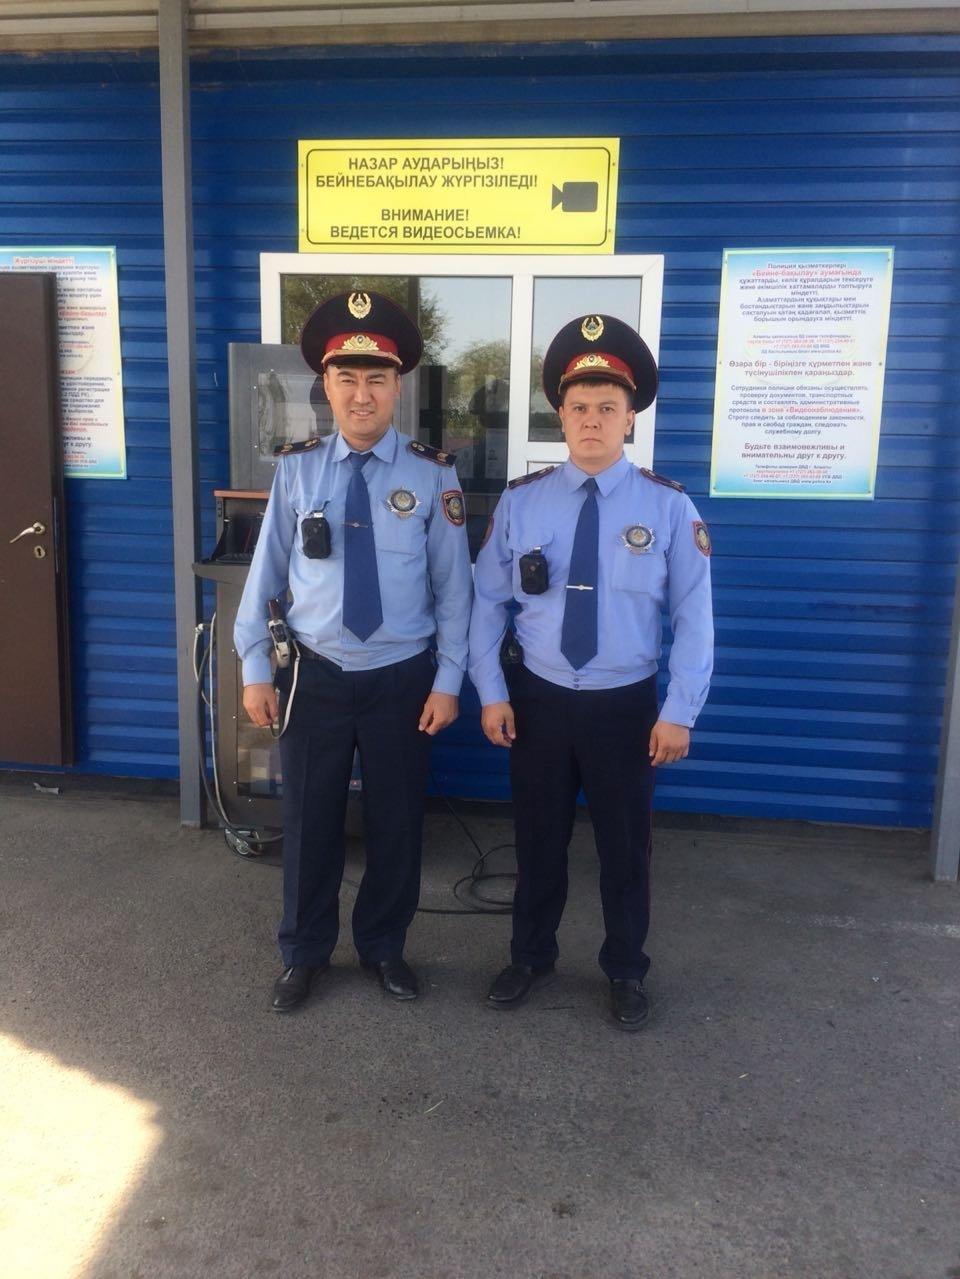 Сотрудники дорожно-патрульной полиции Алматы помогли рожавшей на полицейском посту женщине